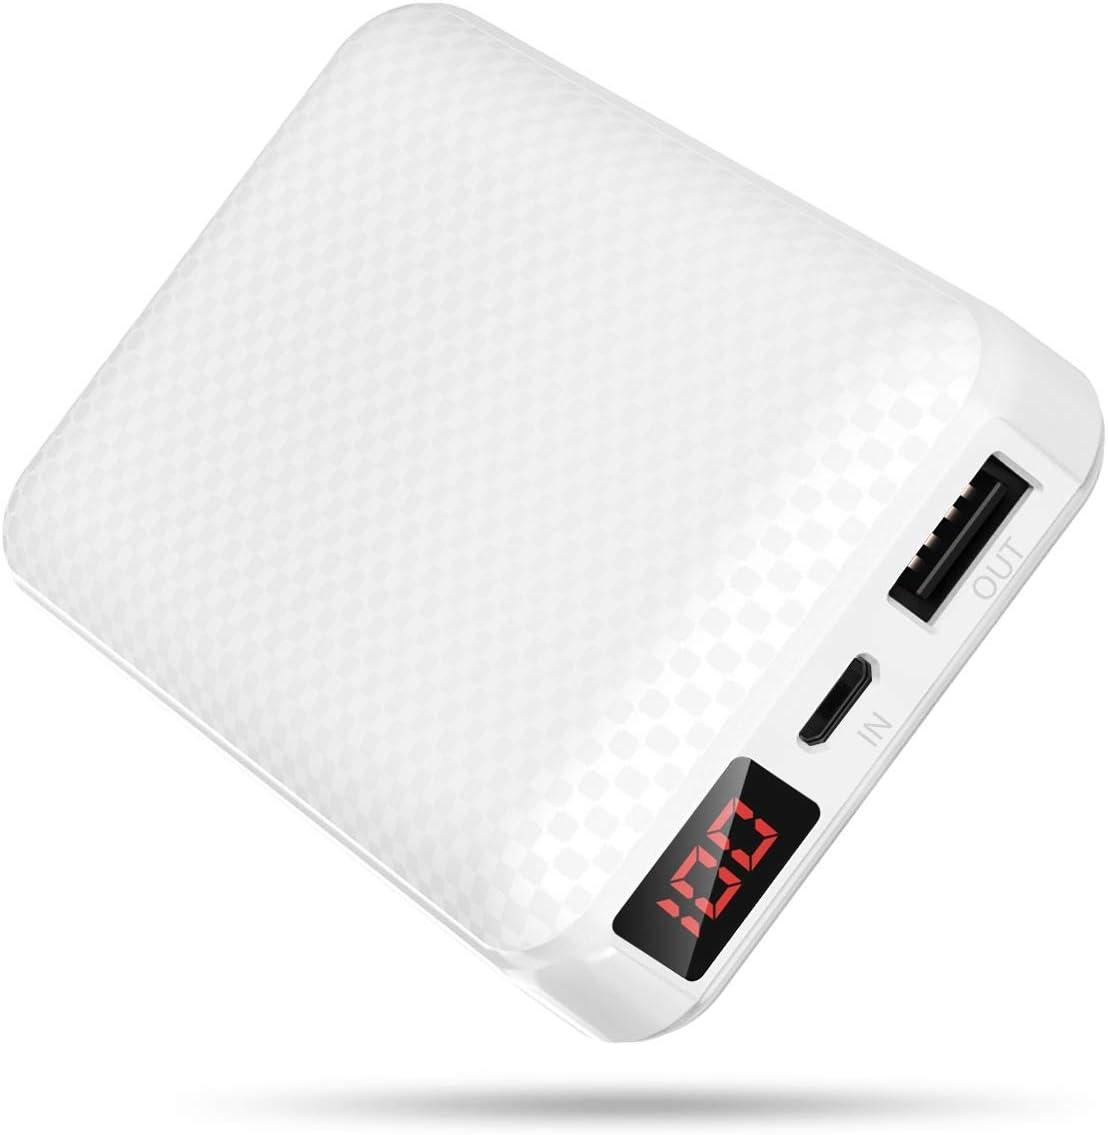 Power Bank 10000mAh Batería Externa [LCD Pantalla Digital] Cargador Portátil Móvil Pequeña y Liviana con 2.1A Puertos Salidas USB Alta Velocidad para Xiaomi,iPhone,Huawei,Tablets y más Dispositivos